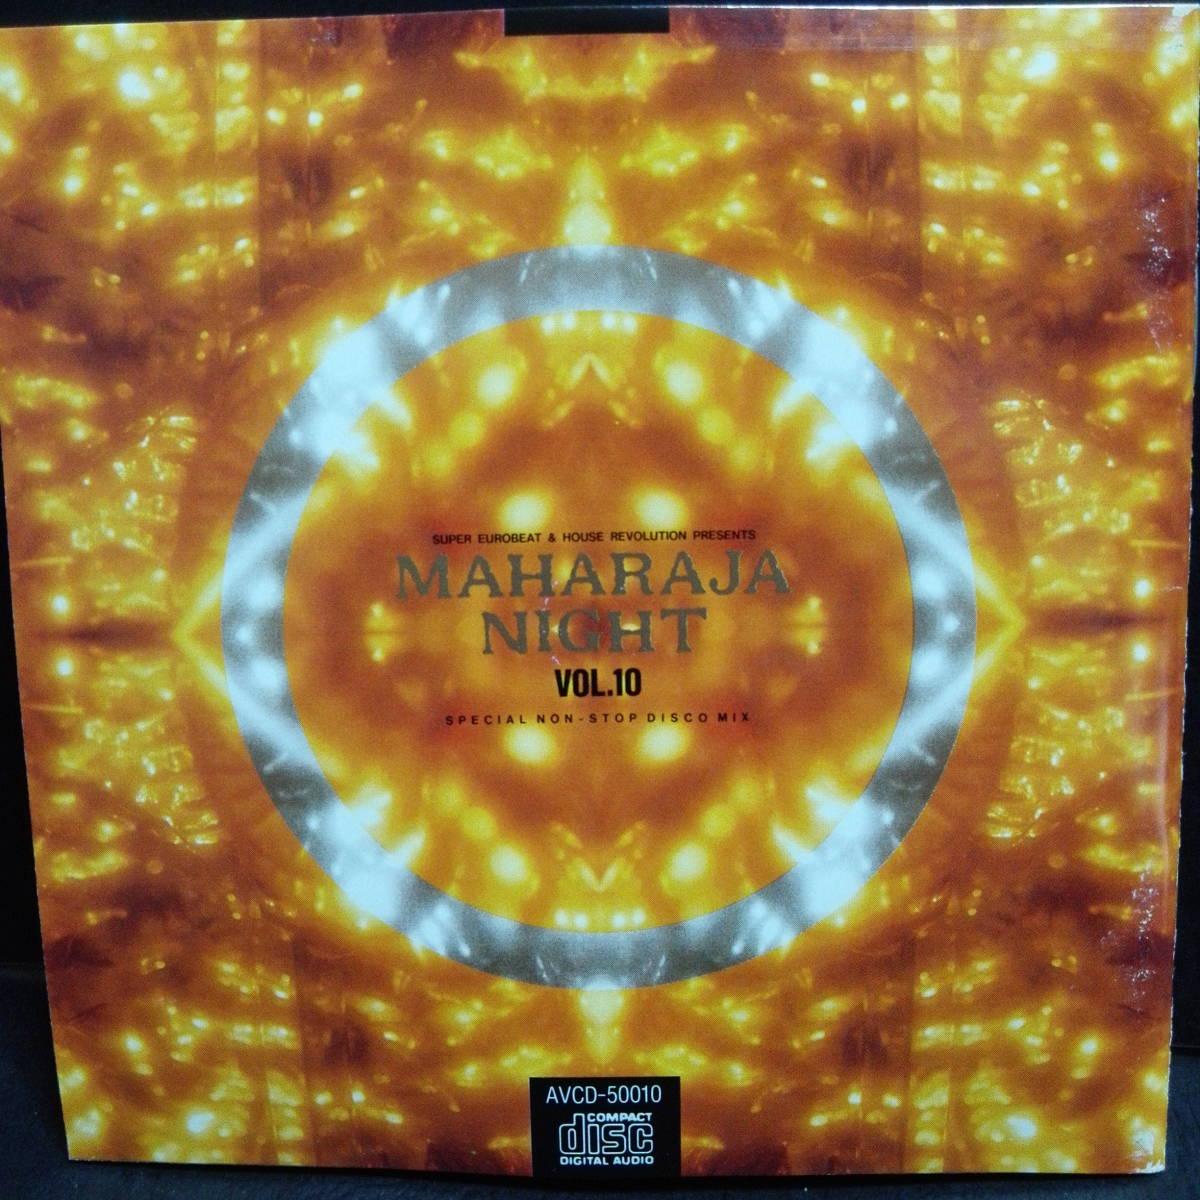 マハラジャナイト10 MAHARAJA NIGHT vol 10 SPECIAL NON-STOP DISCO MIX 90s SUPER  EUROBEAT & HOUSE REVOLUTION PRESENTS テクノ ユーロ